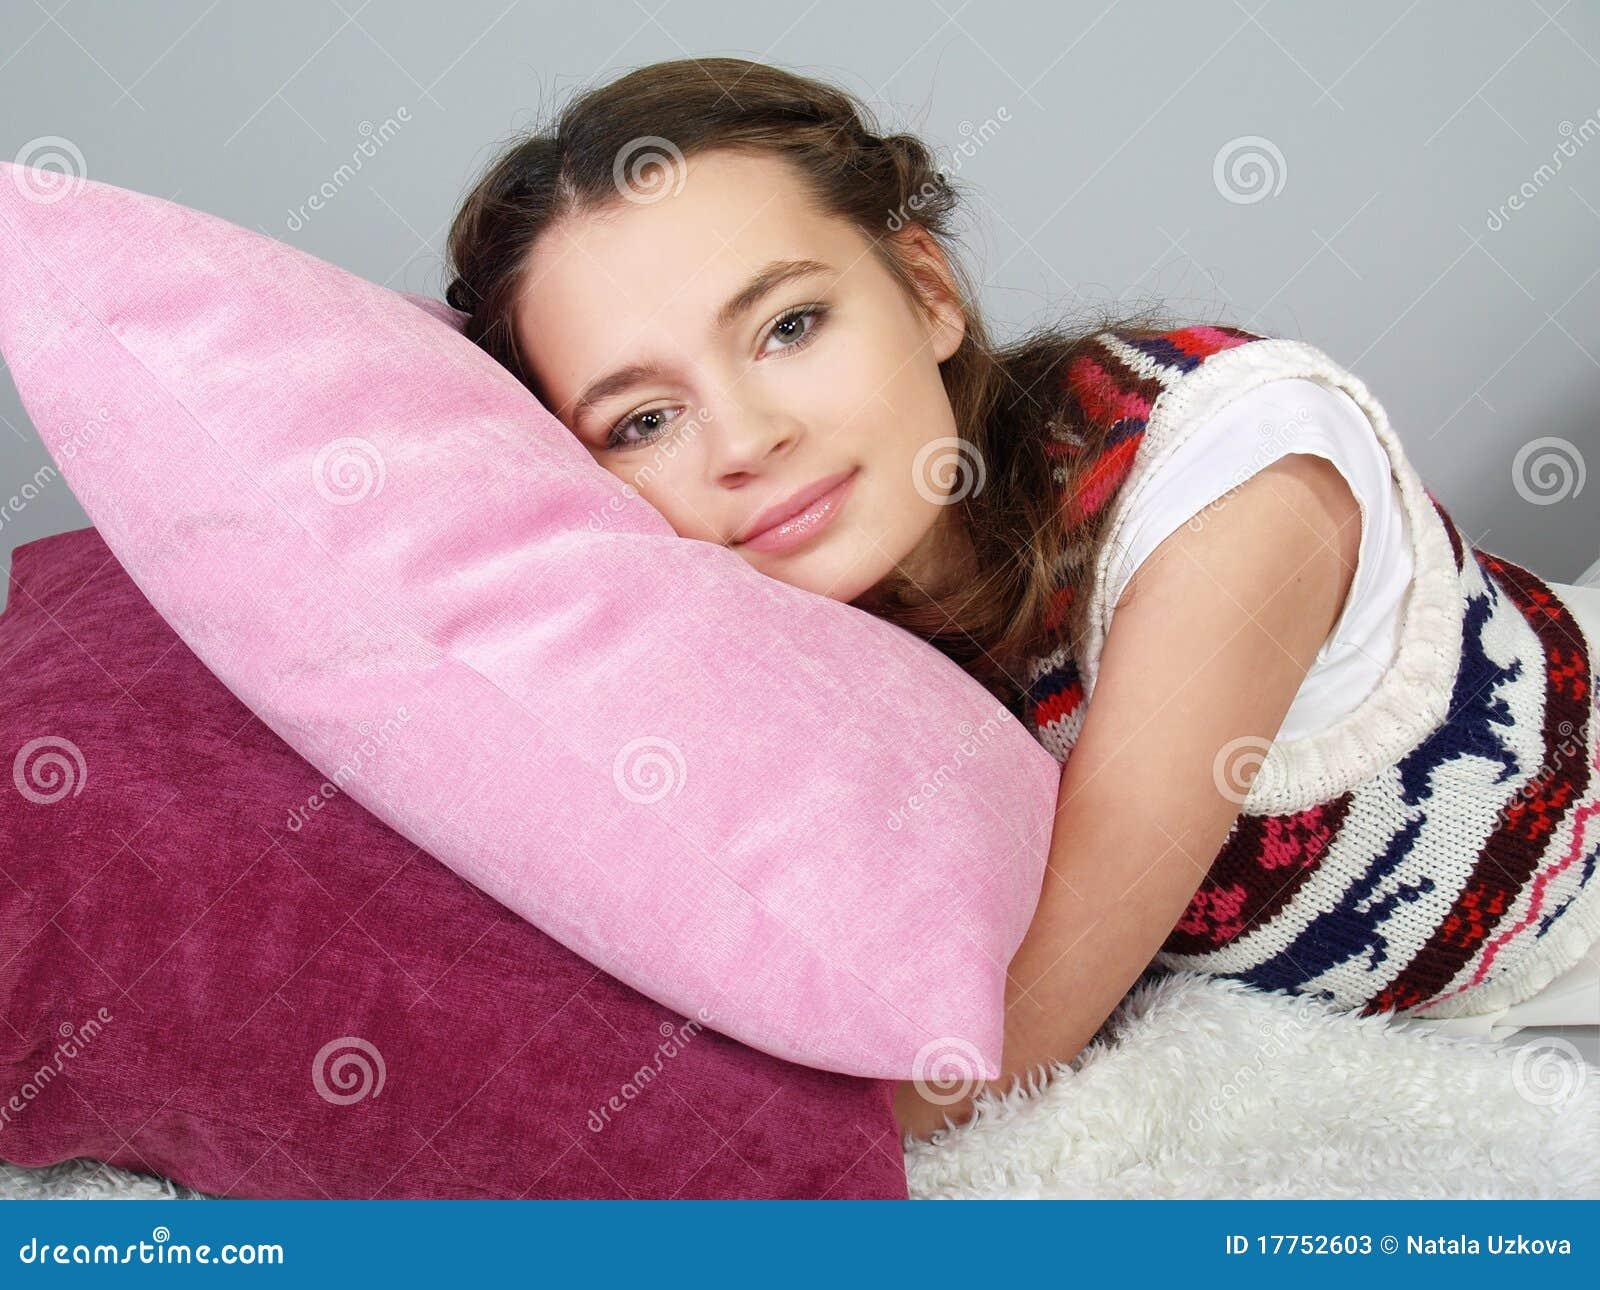 Das glückliche schöne Mädchen liegt auf rosafarbenen Kissen